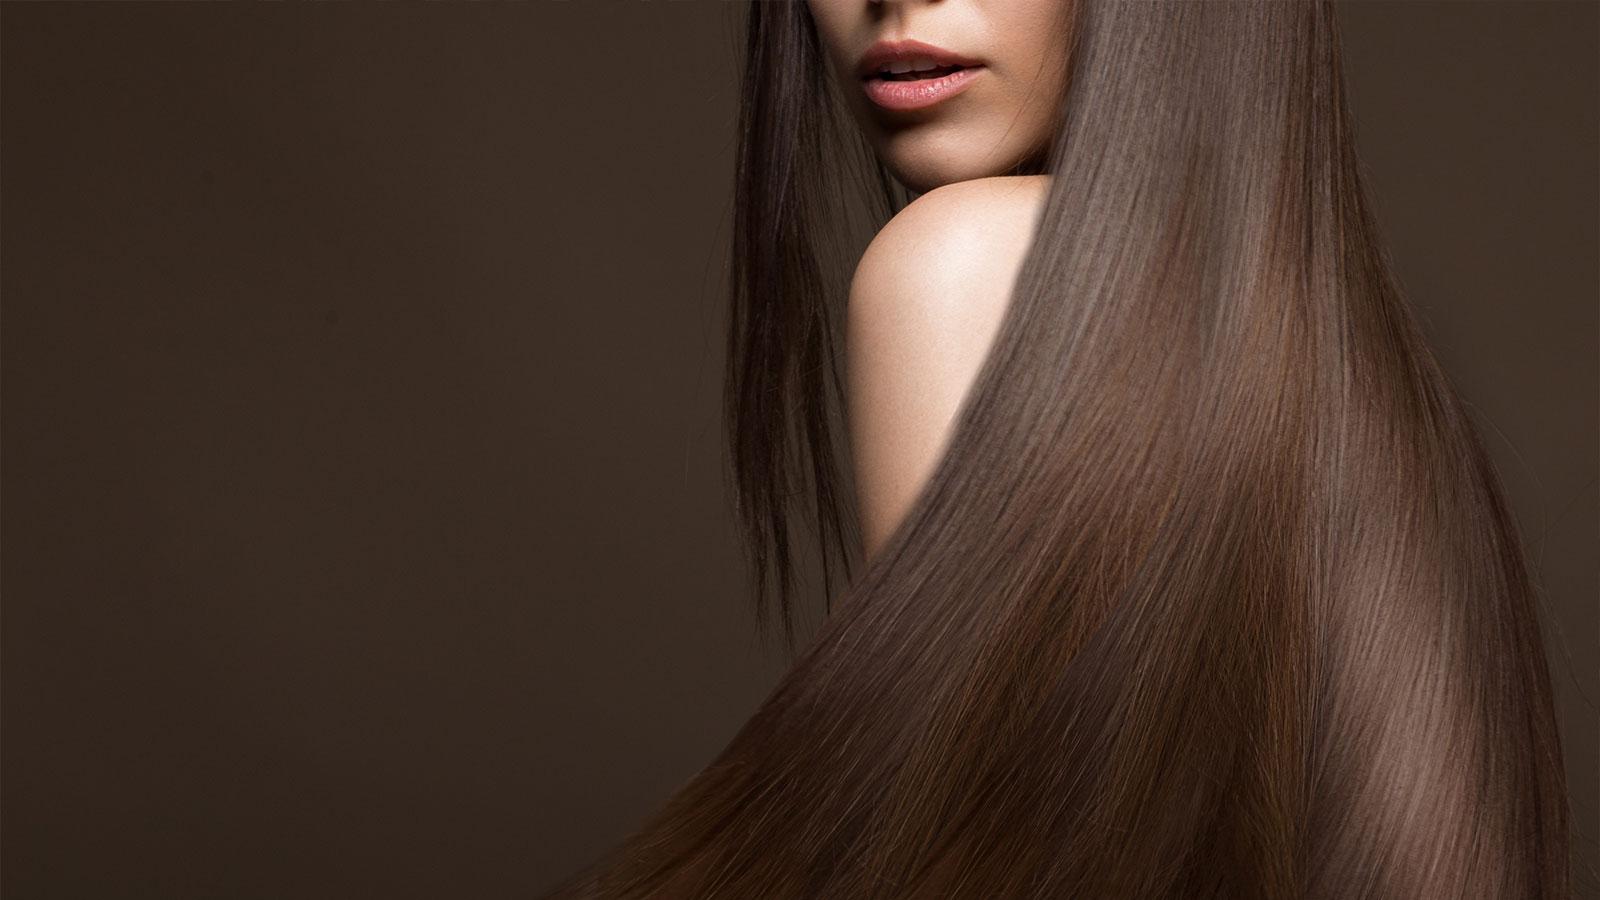 【肌ケア連載】専門家に聞く。髪の乾燥の原因と、おすすめケアアイテムをご紹介!【第八回】